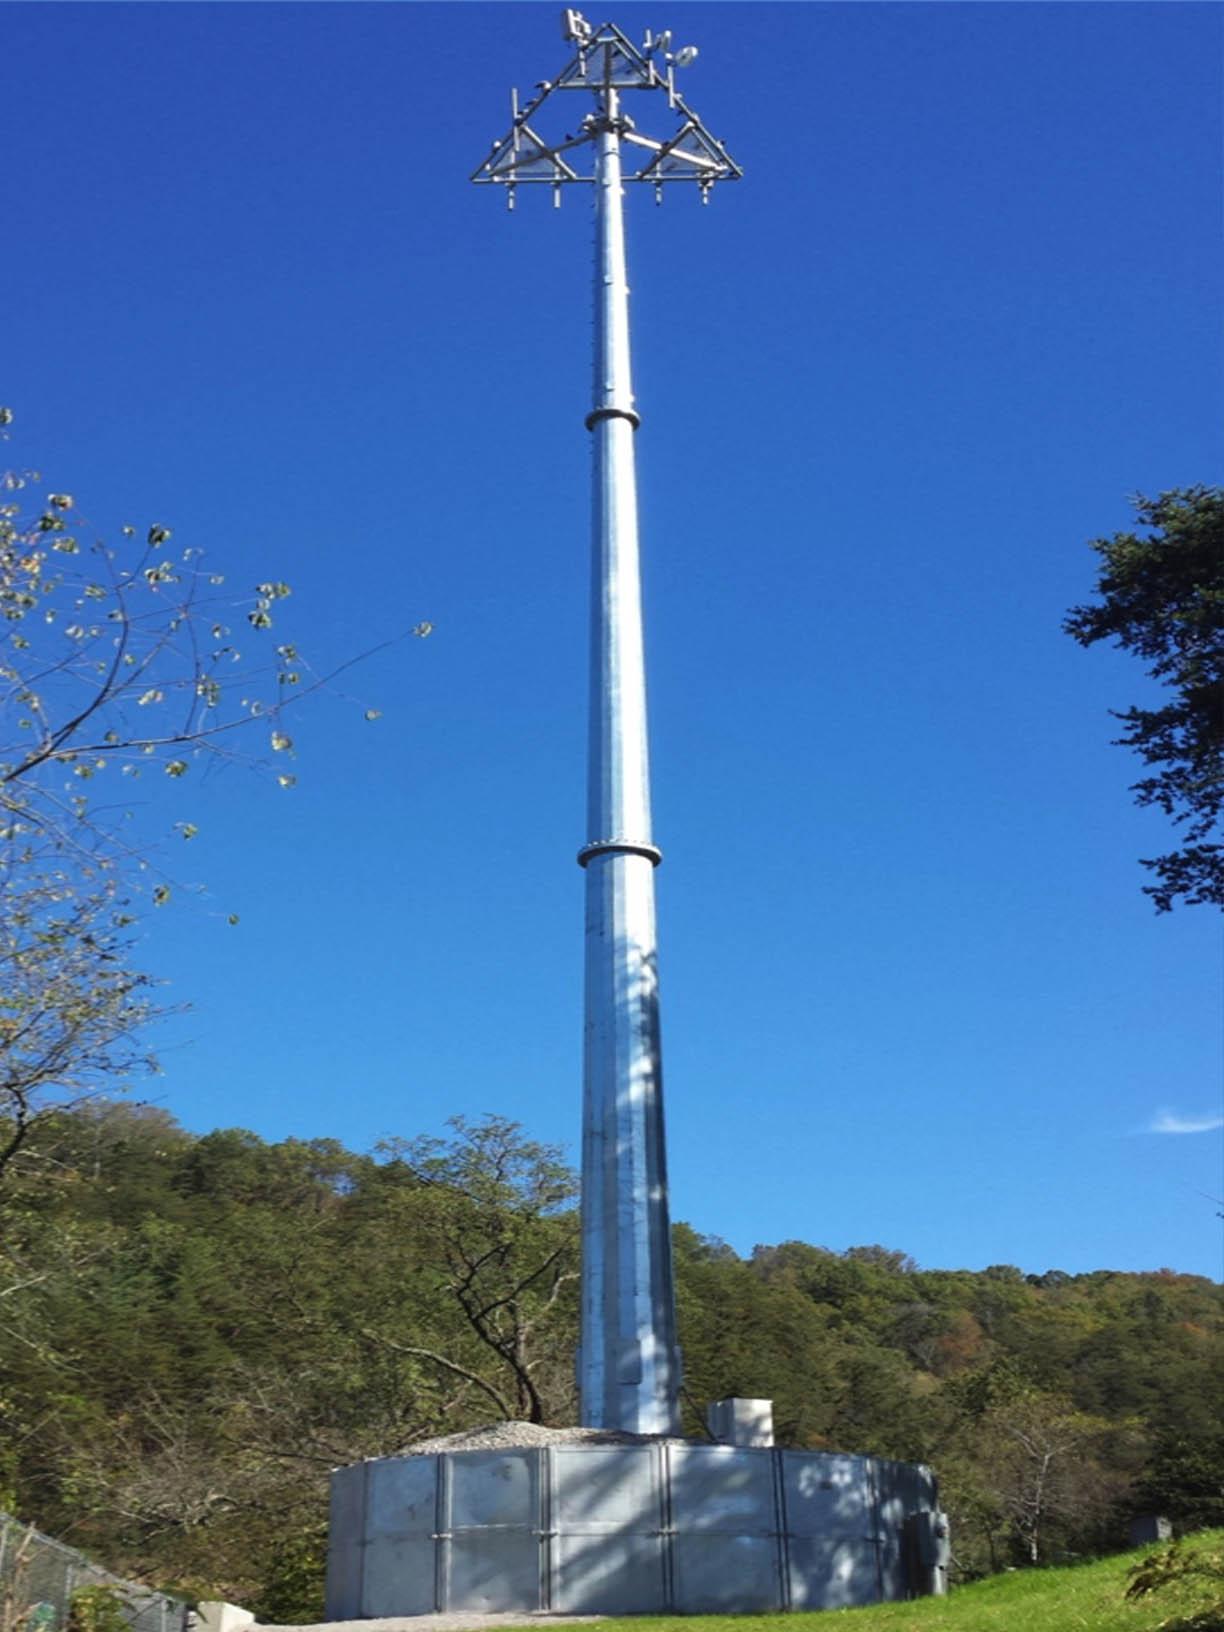 Foundationless Telecom Tower